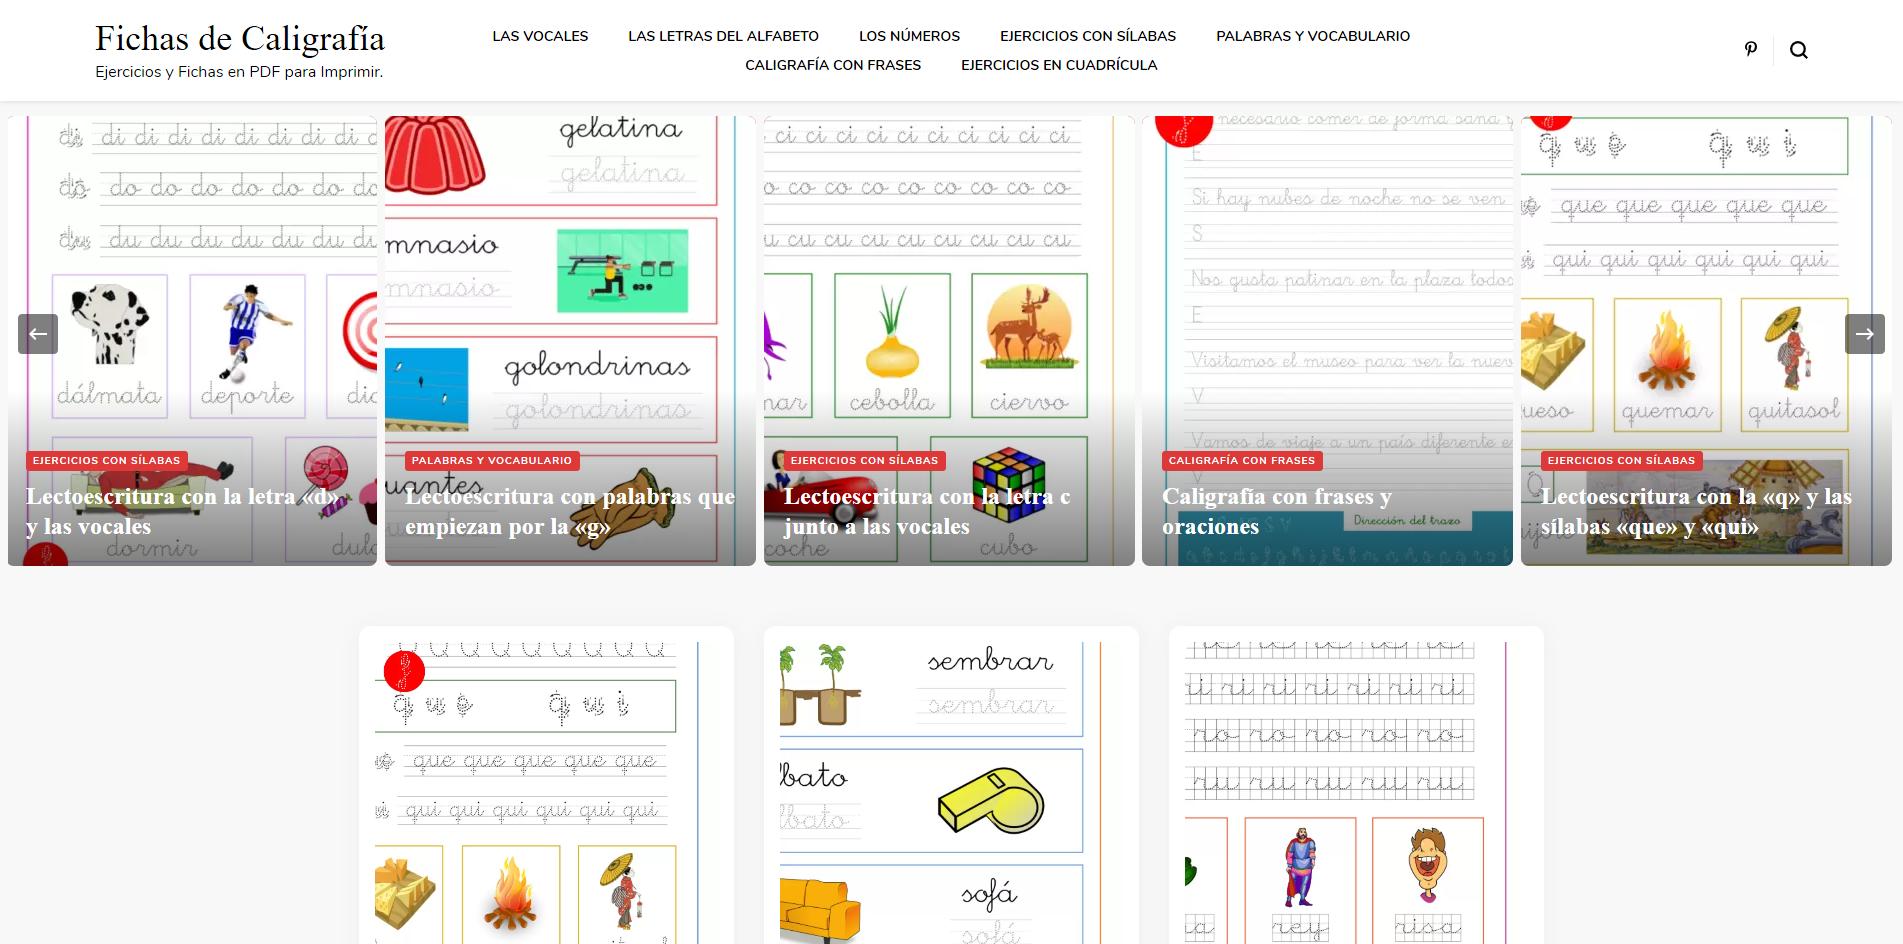 Fichas de caligrafía y lectoescritura